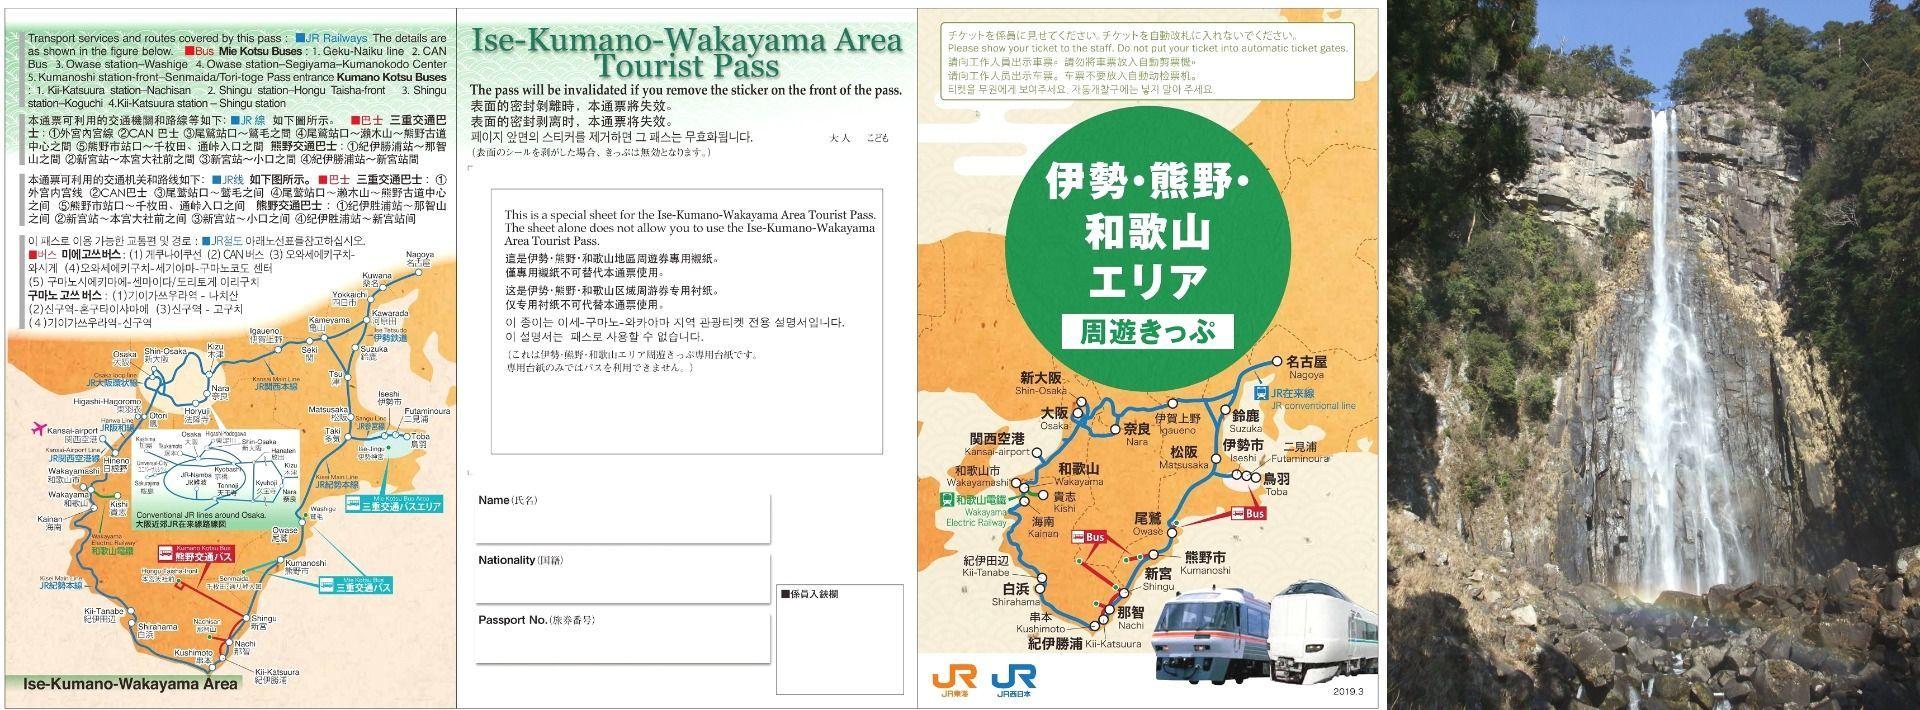 Enjoy Japan at Ise Grand Shrine and Kumano Kodo easily from Osaka and Nagoya! Ise-Kumano-Wakayama Area Tourist Pass